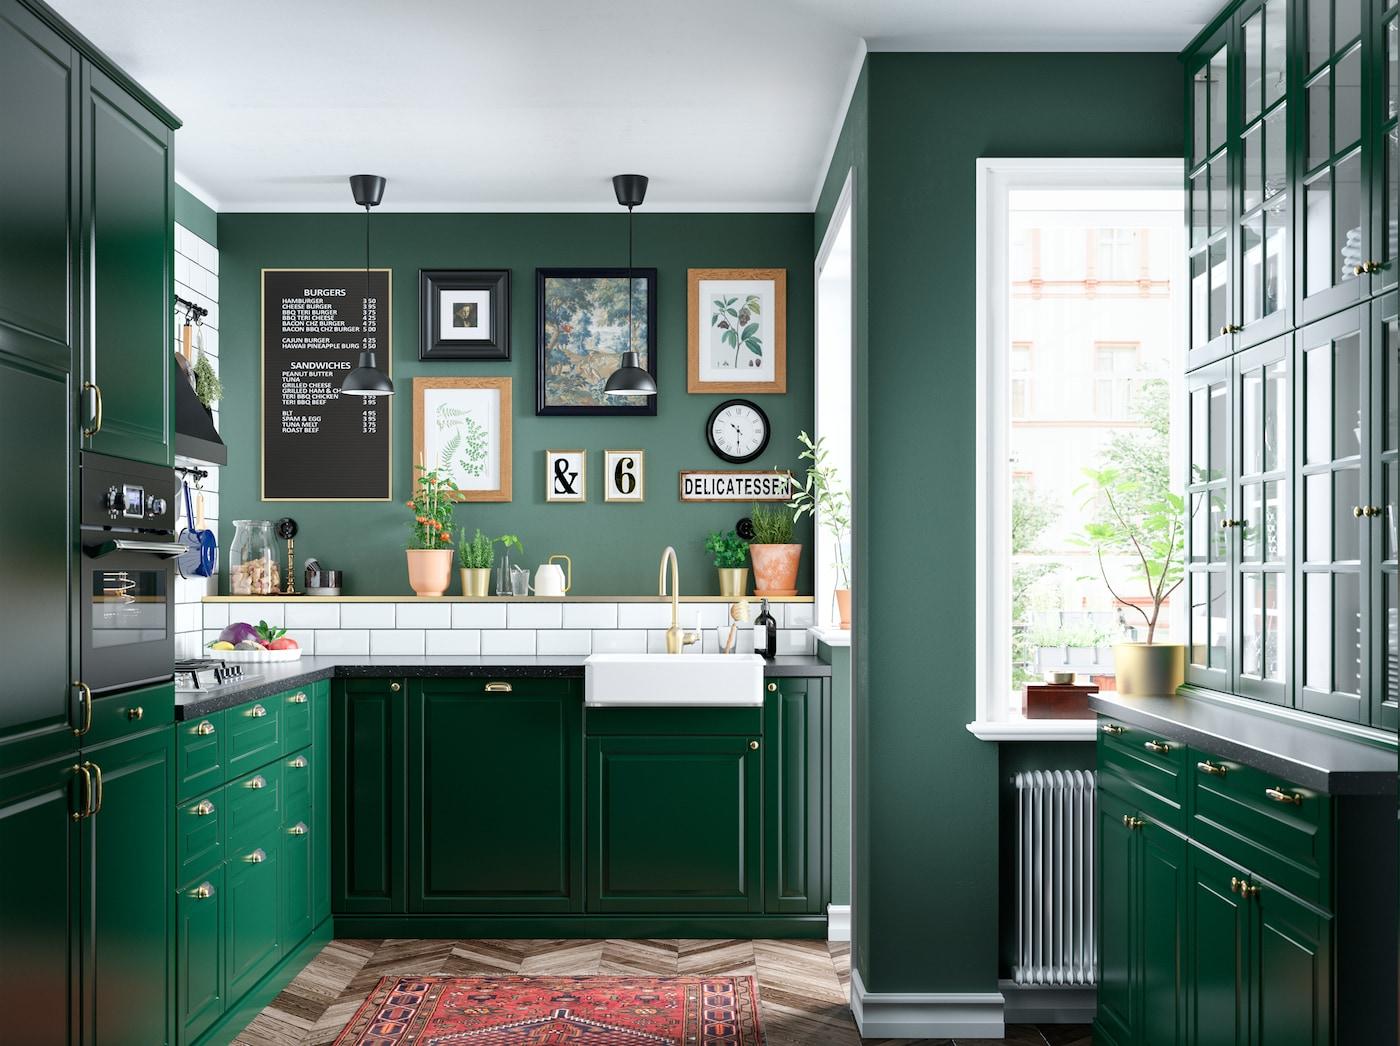 Uma cozinha em verde escuro com azulejos brancos, portas de vidro, torneira misturadora em cor de bronze e uma parede de fotografias com diversas molduras.